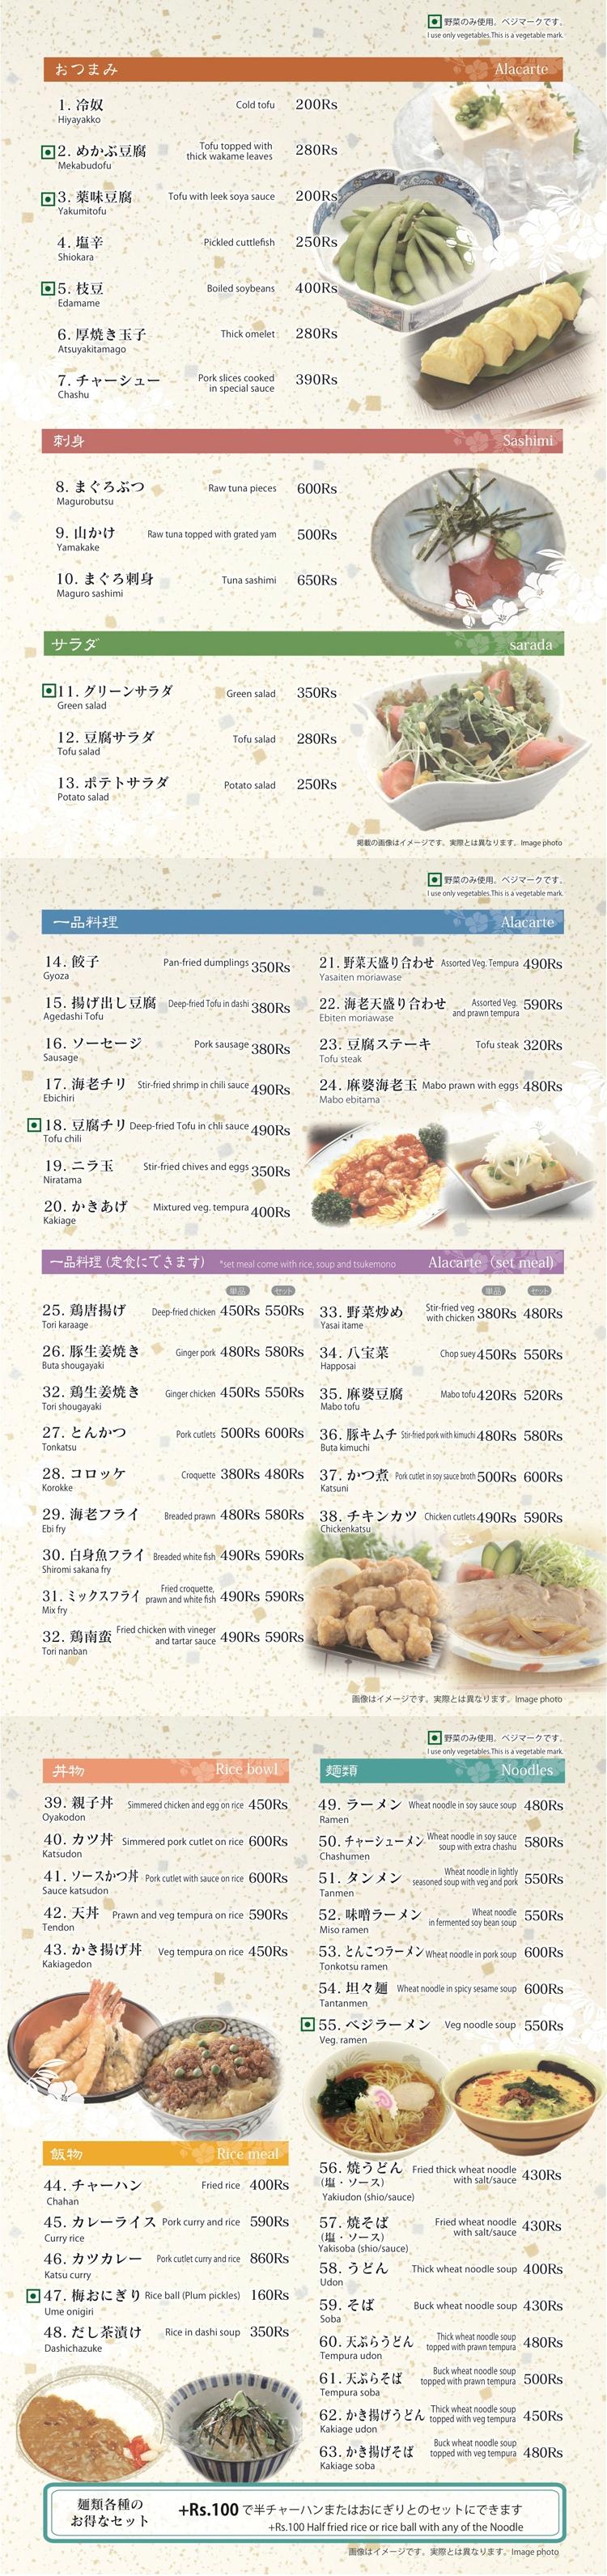 Daikichi-Authentic-Japanese-Restaurant-Menu-Ramada-Neemrana